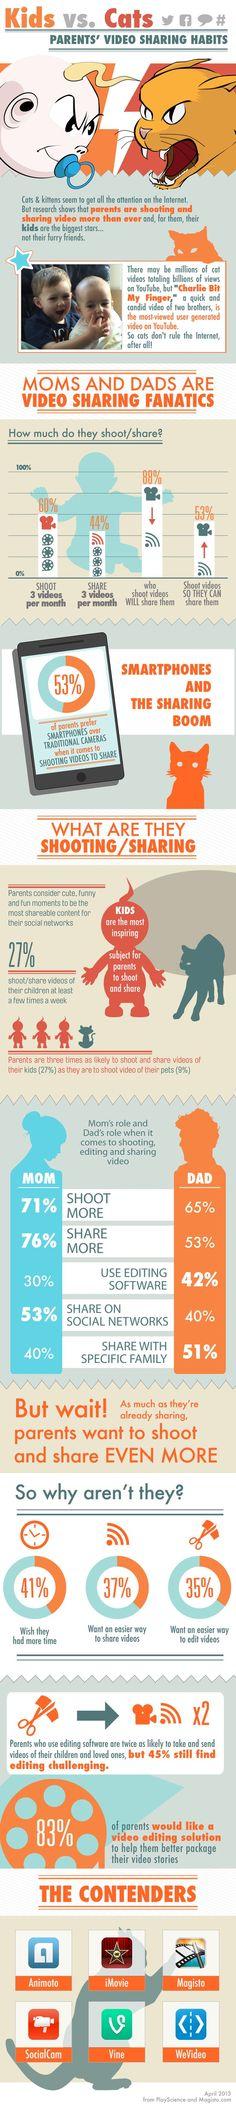 Bebés o gatitos, ¿qué compartimos más en #Internet?